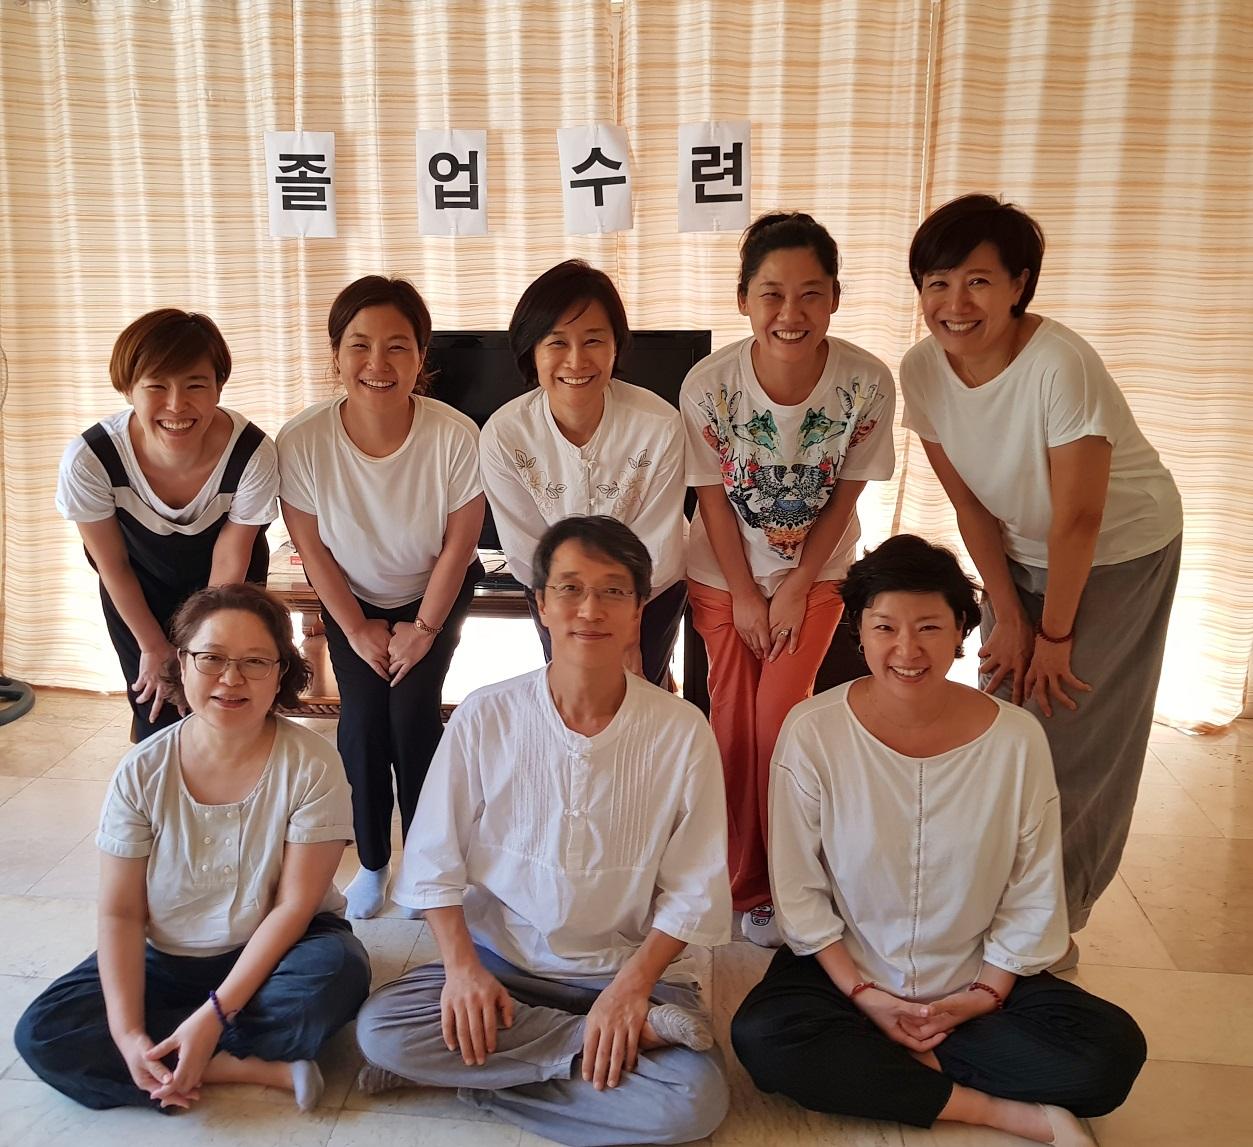 제4기 불교대학 졸업수련: 뒷줄 맨 오른쪽에 임유경 님